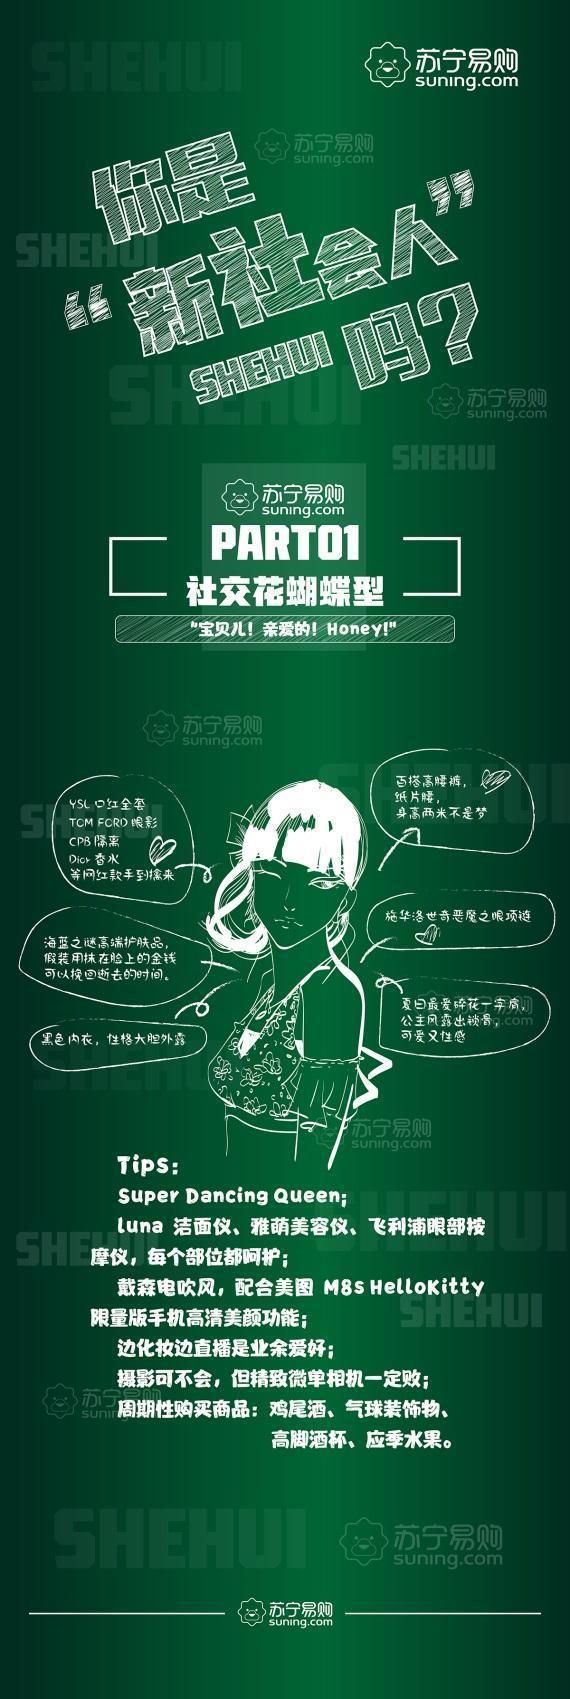 """苏宁""""职场小白""""数据 报告:男妆消费迎来黄金"""